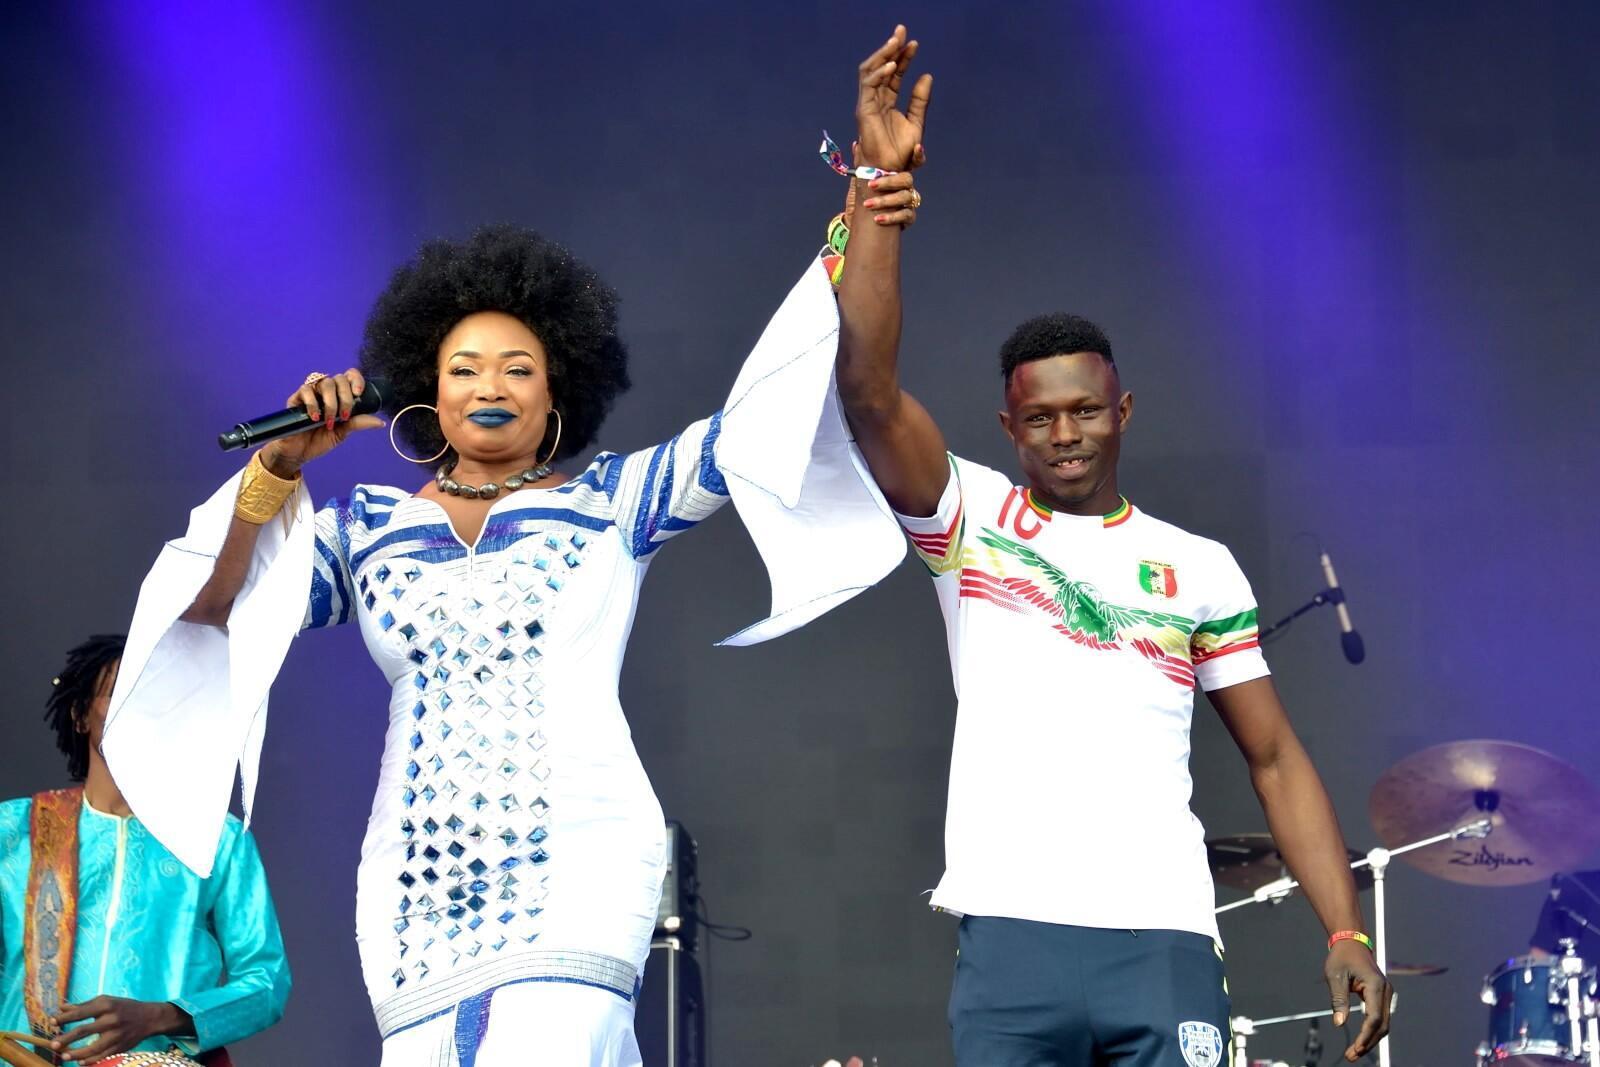 Dimanche 3 juin, lors du festival We love Green à Vincennes, la chanteuse malienne Oumou Sangaré a invité Mamadou Gassama, qui a sauvé un enfant en escaladant un immeuble, à la rejoindre sur scène, pour le féliciter de son acte de bravoure.